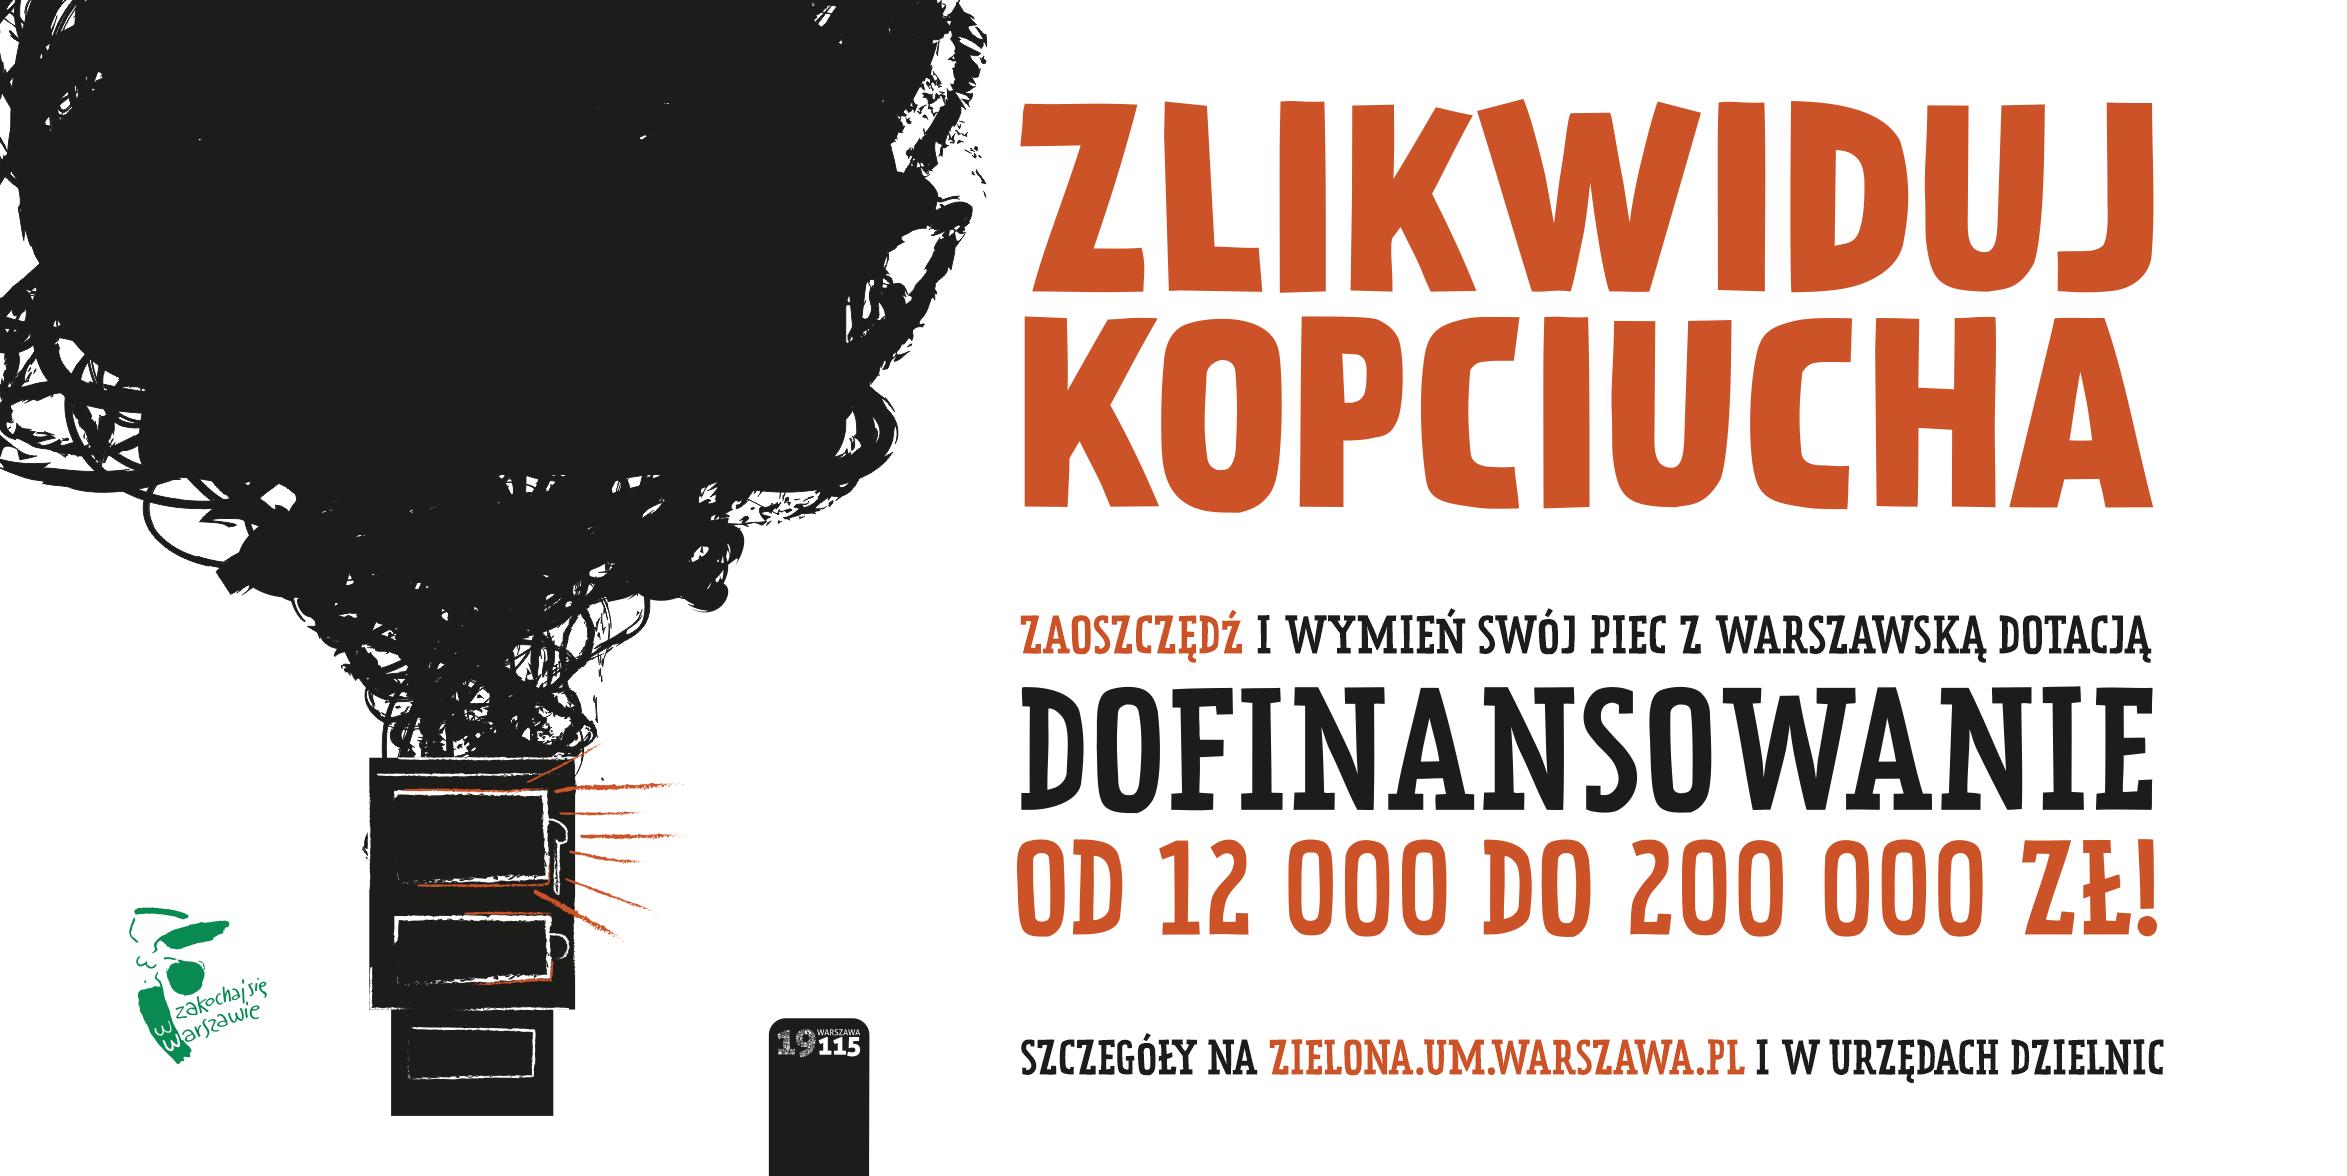 Fot. UM st. Warszawy